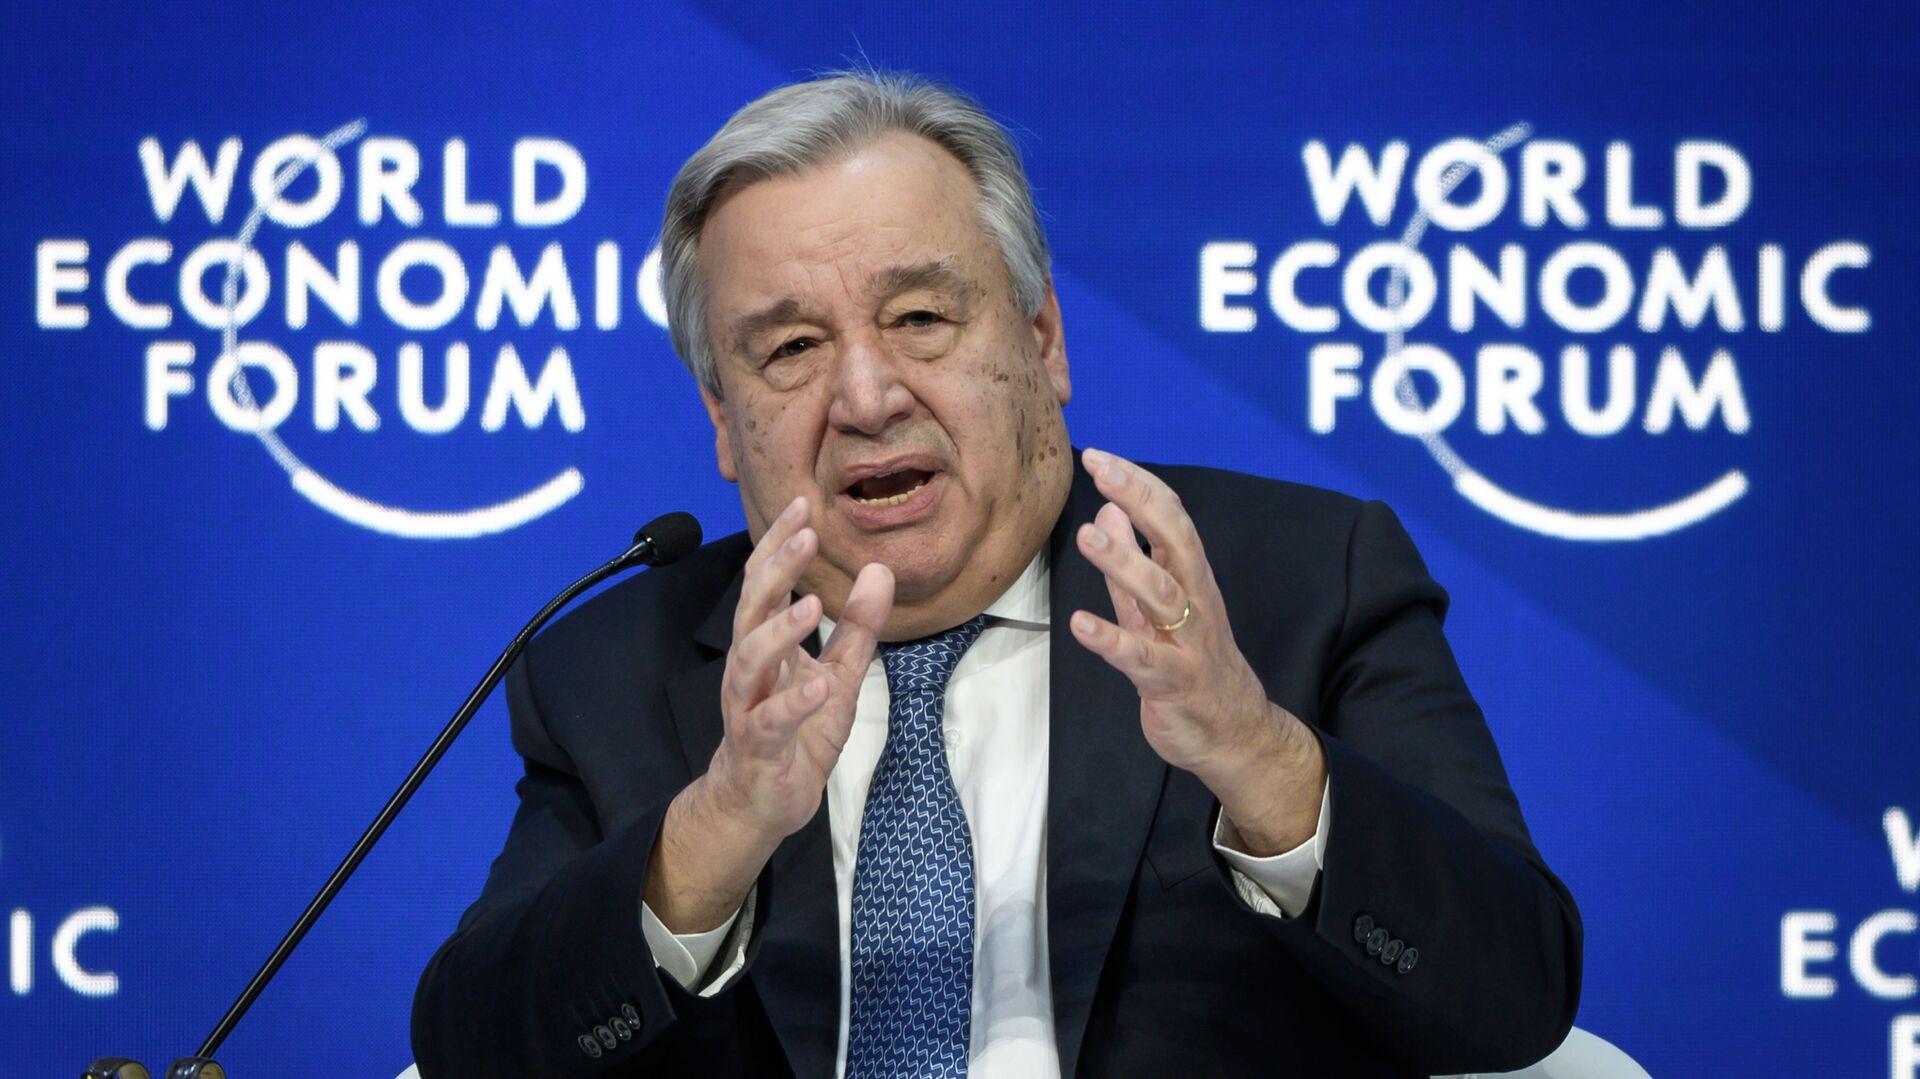 Генеральный секретарь Организации Объединенных Наций (ООН) Антонио Гутерриш выступает с речью на ежегодной встрече Всемирного экономического форума (ВЭФ) - Sputnik Azərbaycan, 1920, 01.10.2021